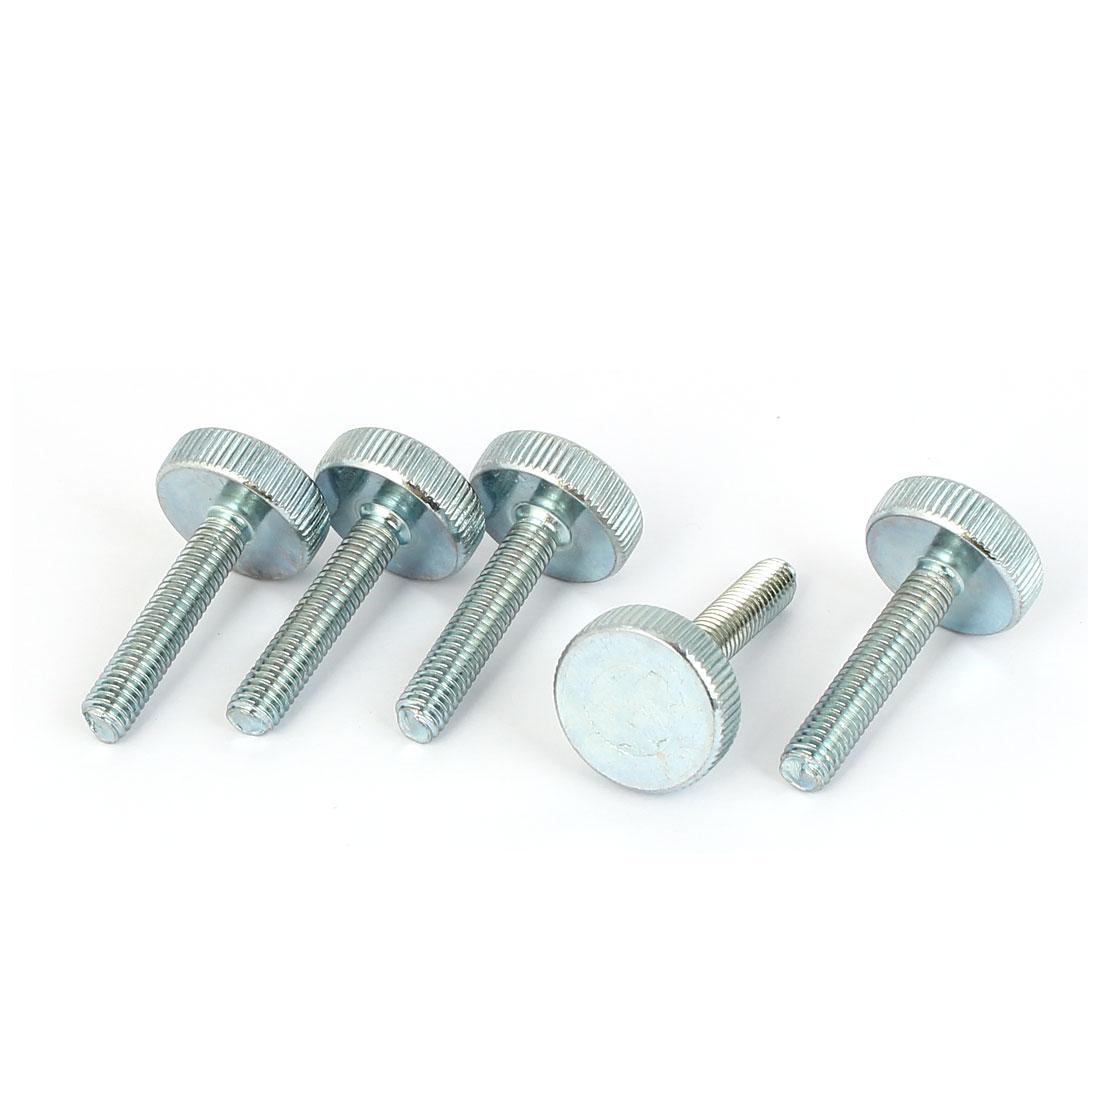 M6x30mm Thread Carbon Steel Knurled Round Head Thumb Screws Silver Blue 5pcs